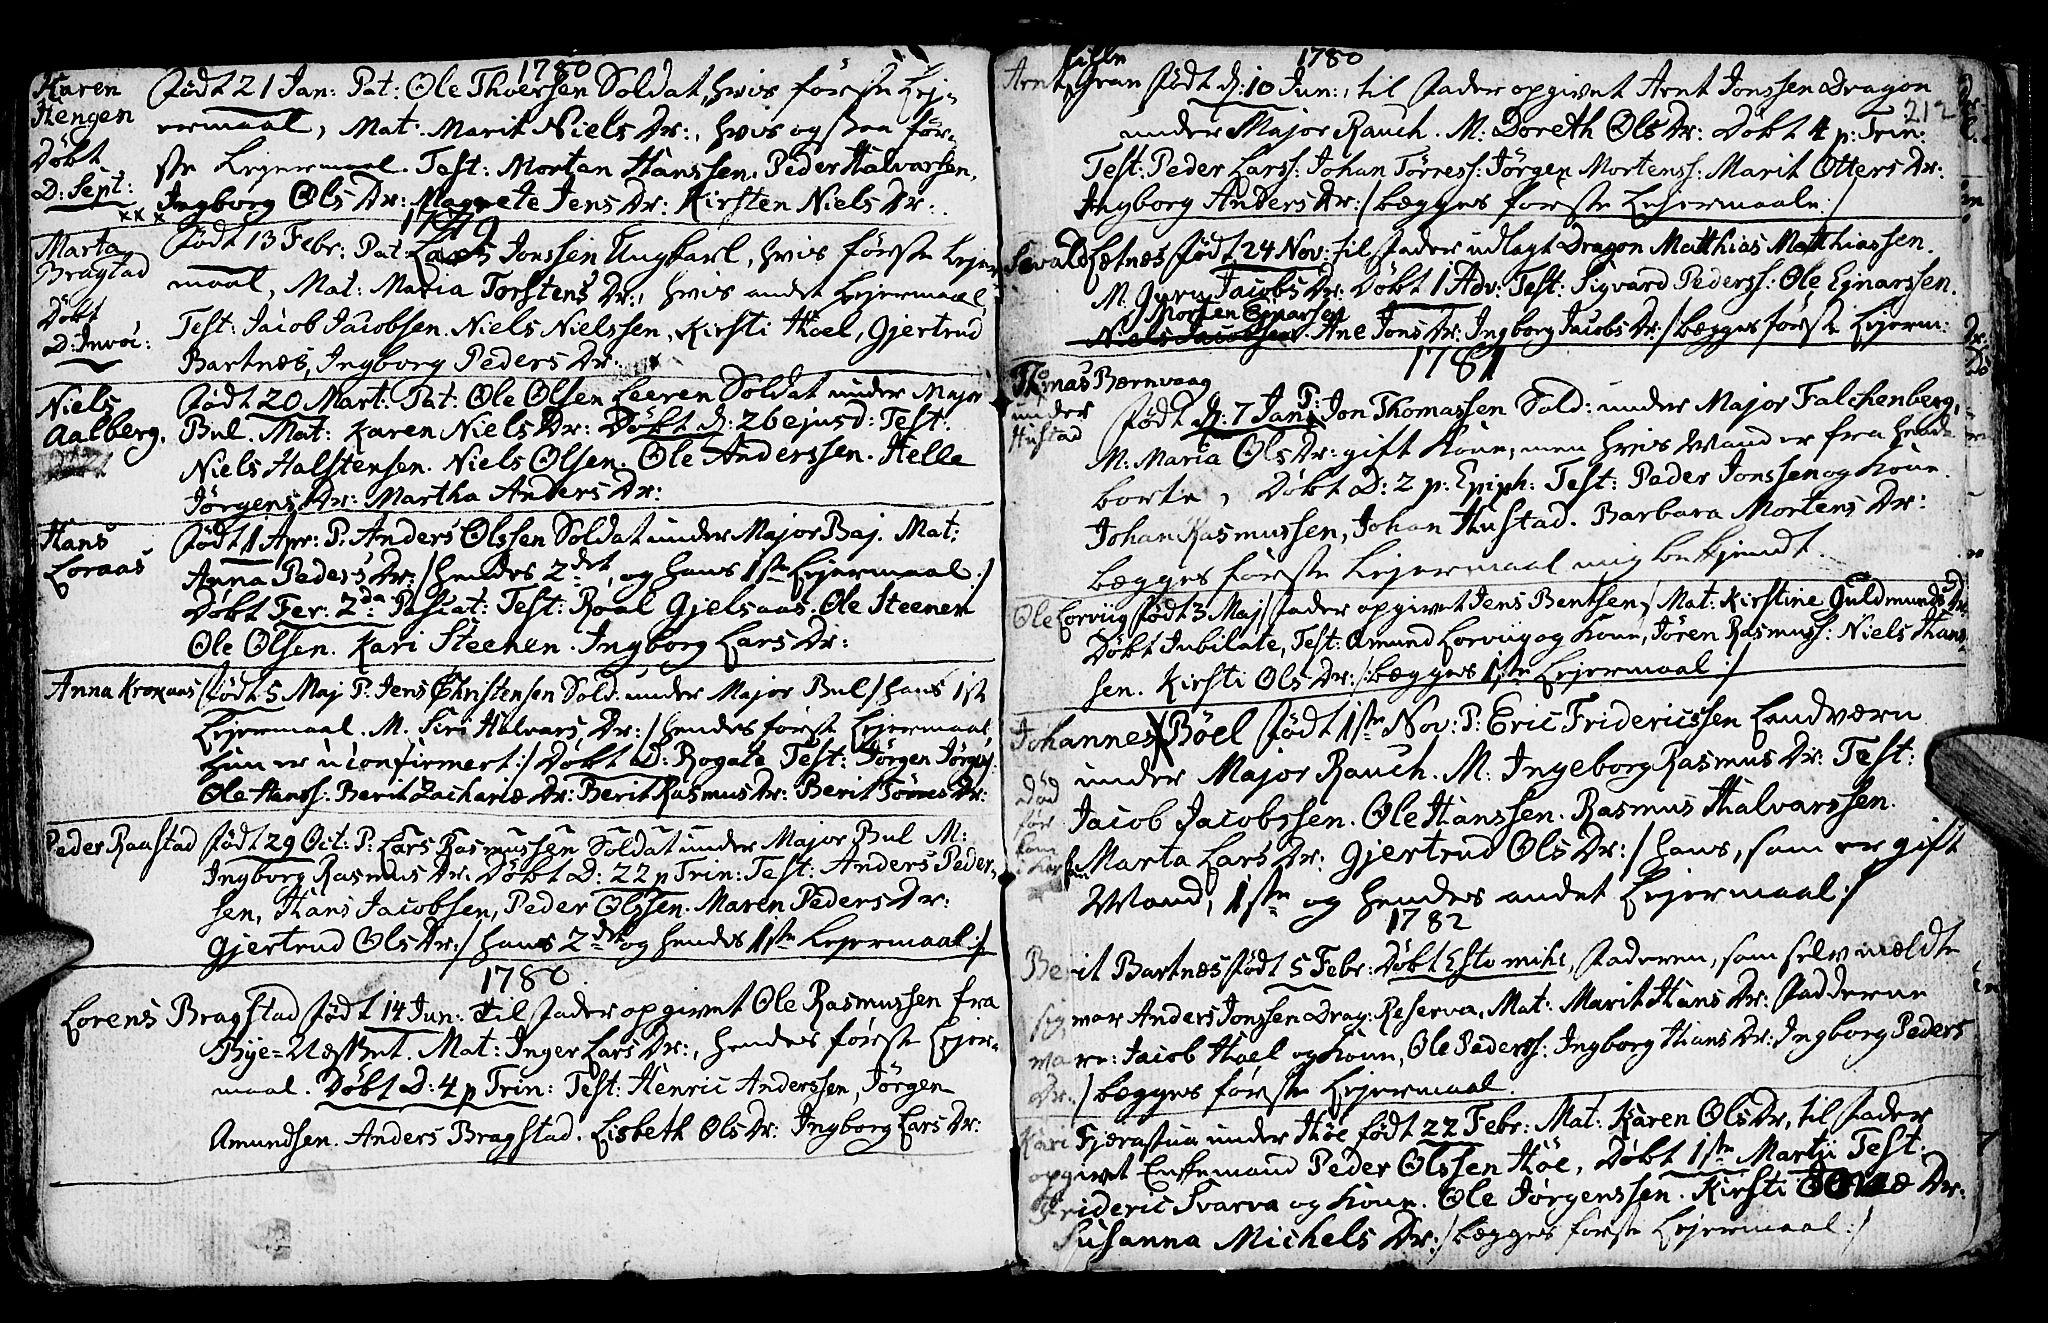 SAT, Ministerialprotokoller, klokkerbøker og fødselsregistre - Nord-Trøndelag, 730/L0273: Ministerialbok nr. 730A02, 1762-1802, s. 212